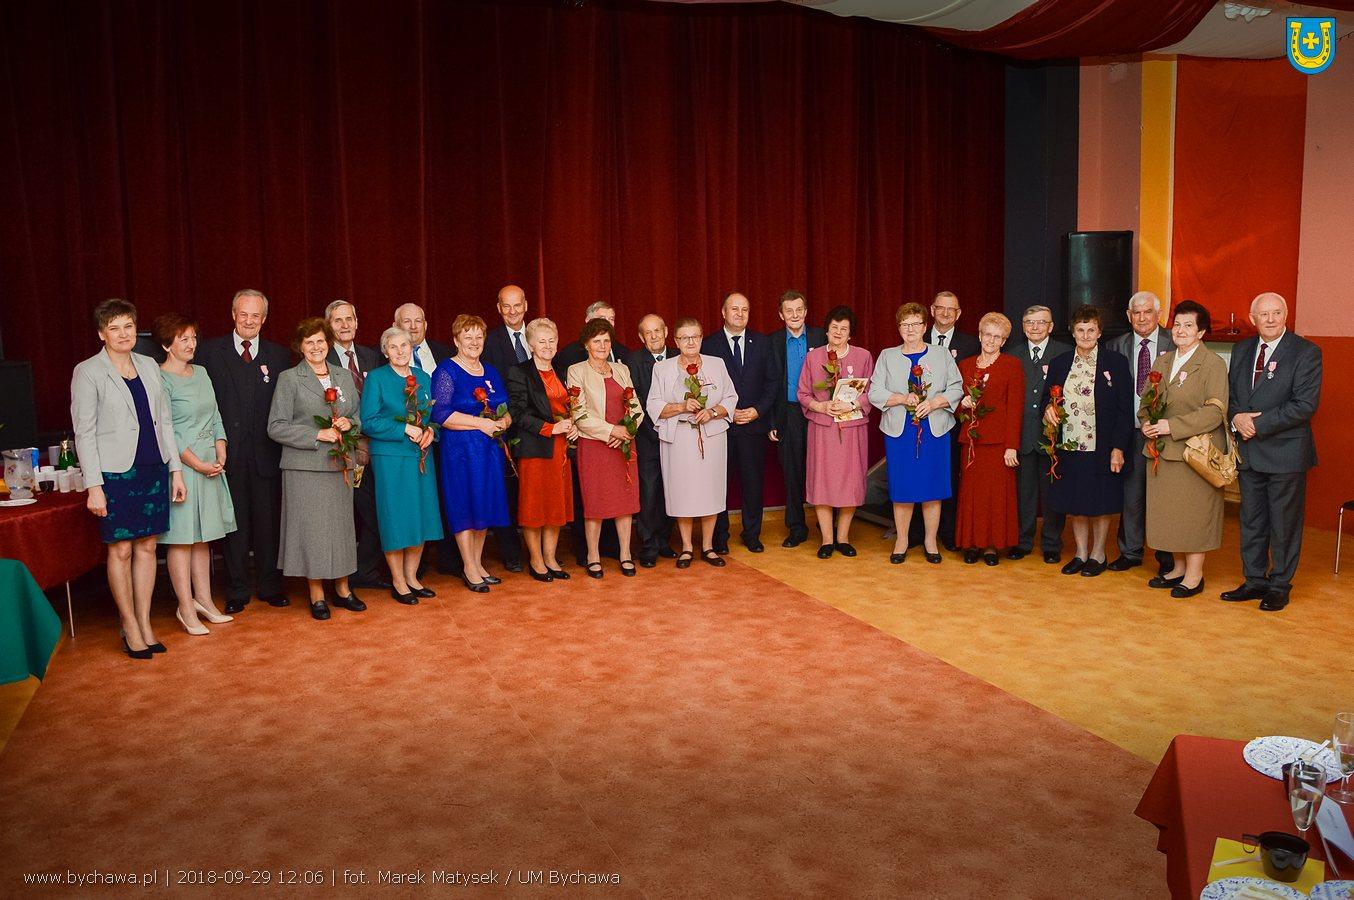 50 lat razem – jubileusz małżeństwa w Bychawskim Centrum Kultury